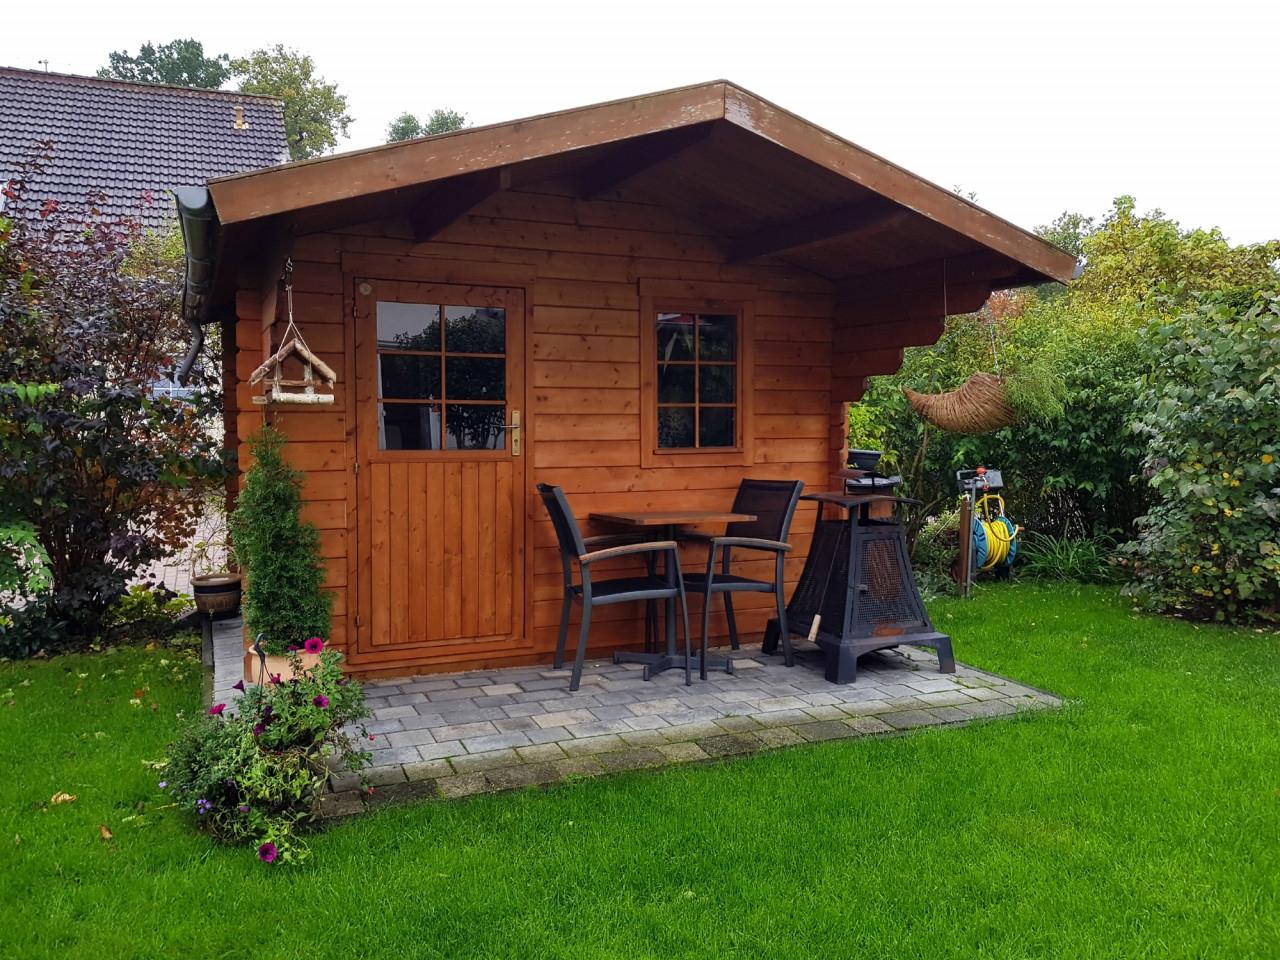 Taxe D'aménagement : Montants 2019 Au Mètre Carré à Construire Une Cabane De Jardin